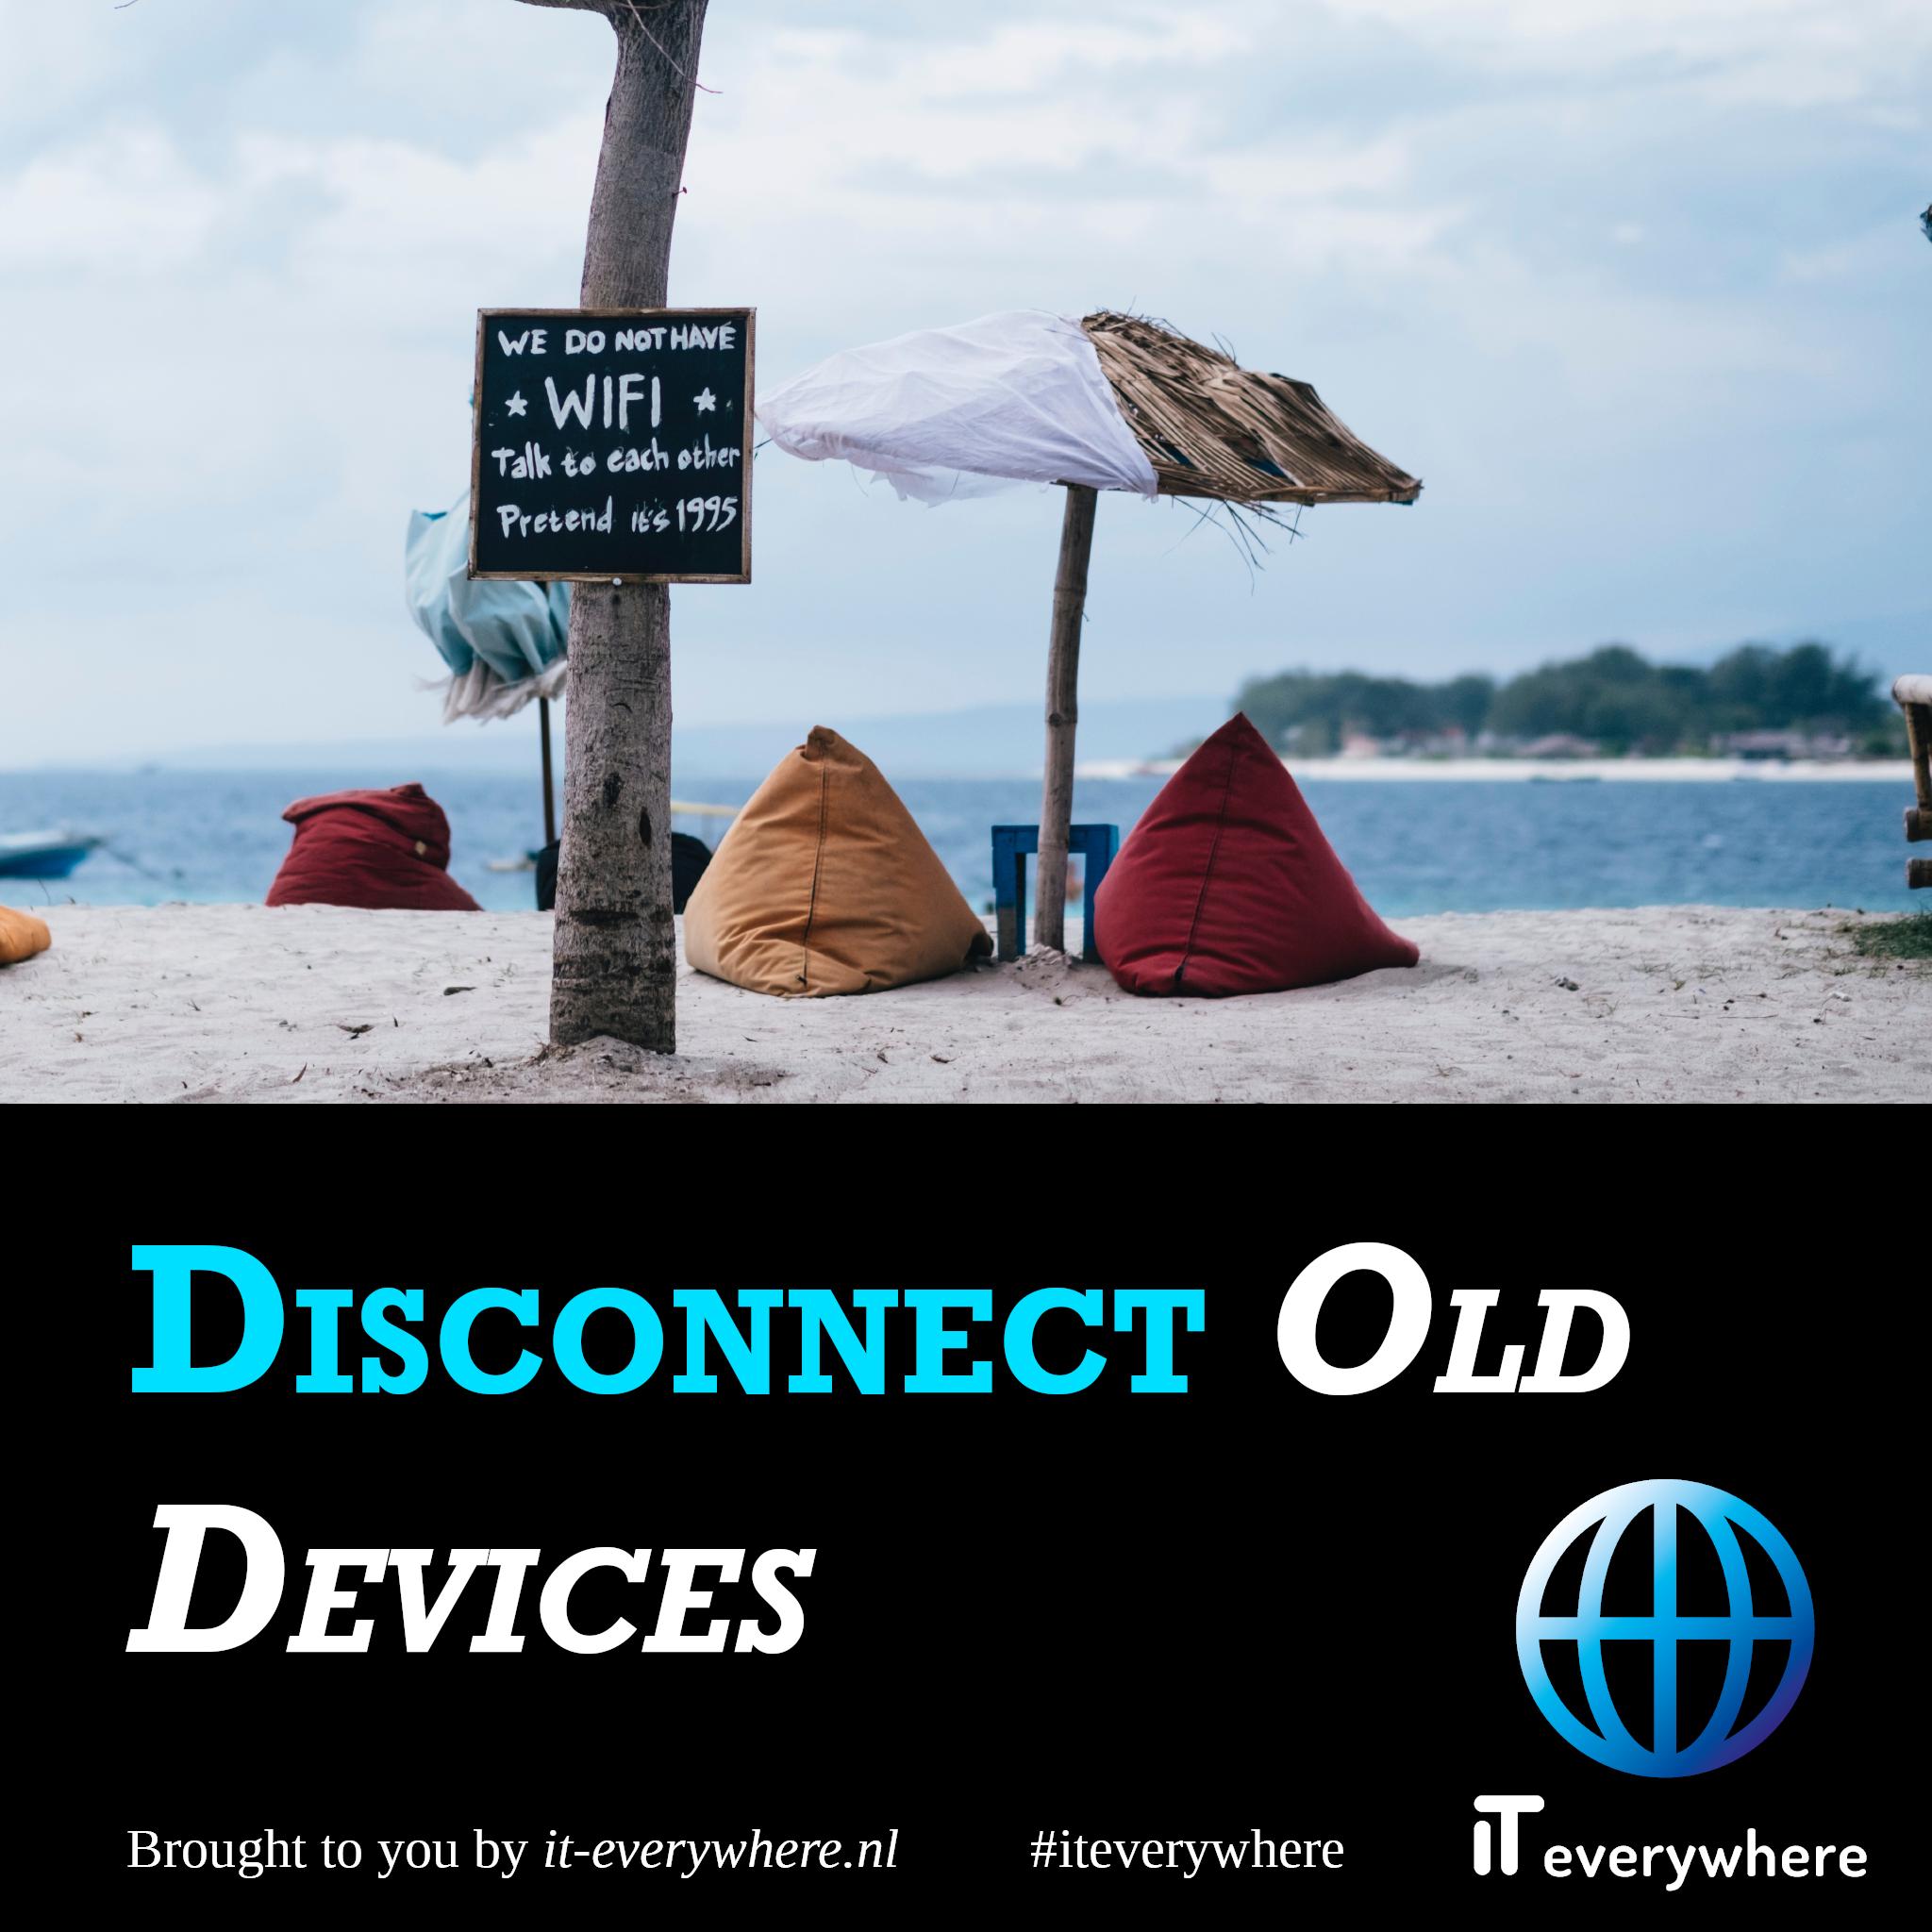 Verbreek de verbinding met oude apparaten